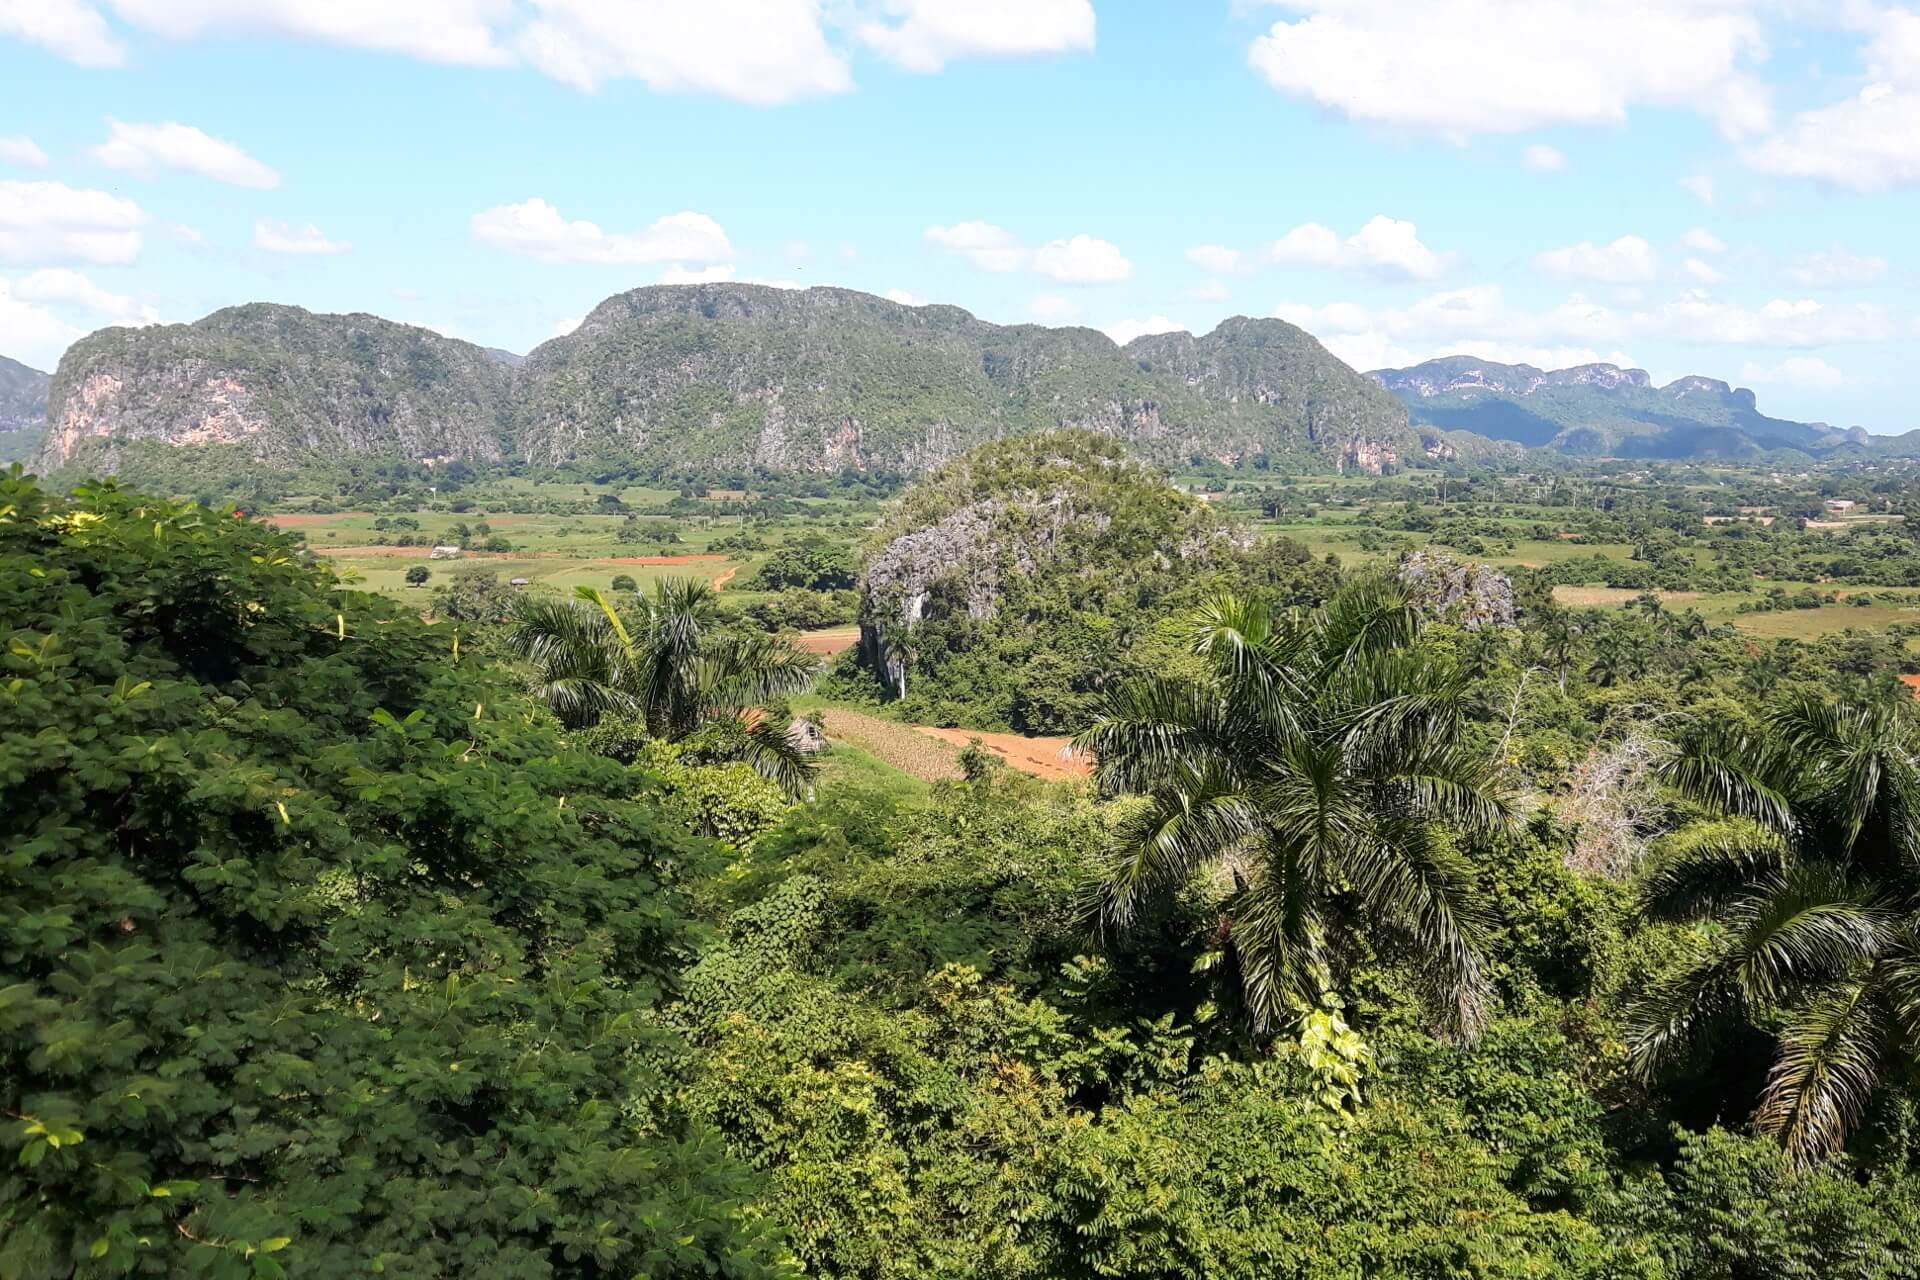 Kubas schönste Sehenswürdigkeiten - Valle de Viñales Viñales-Tal